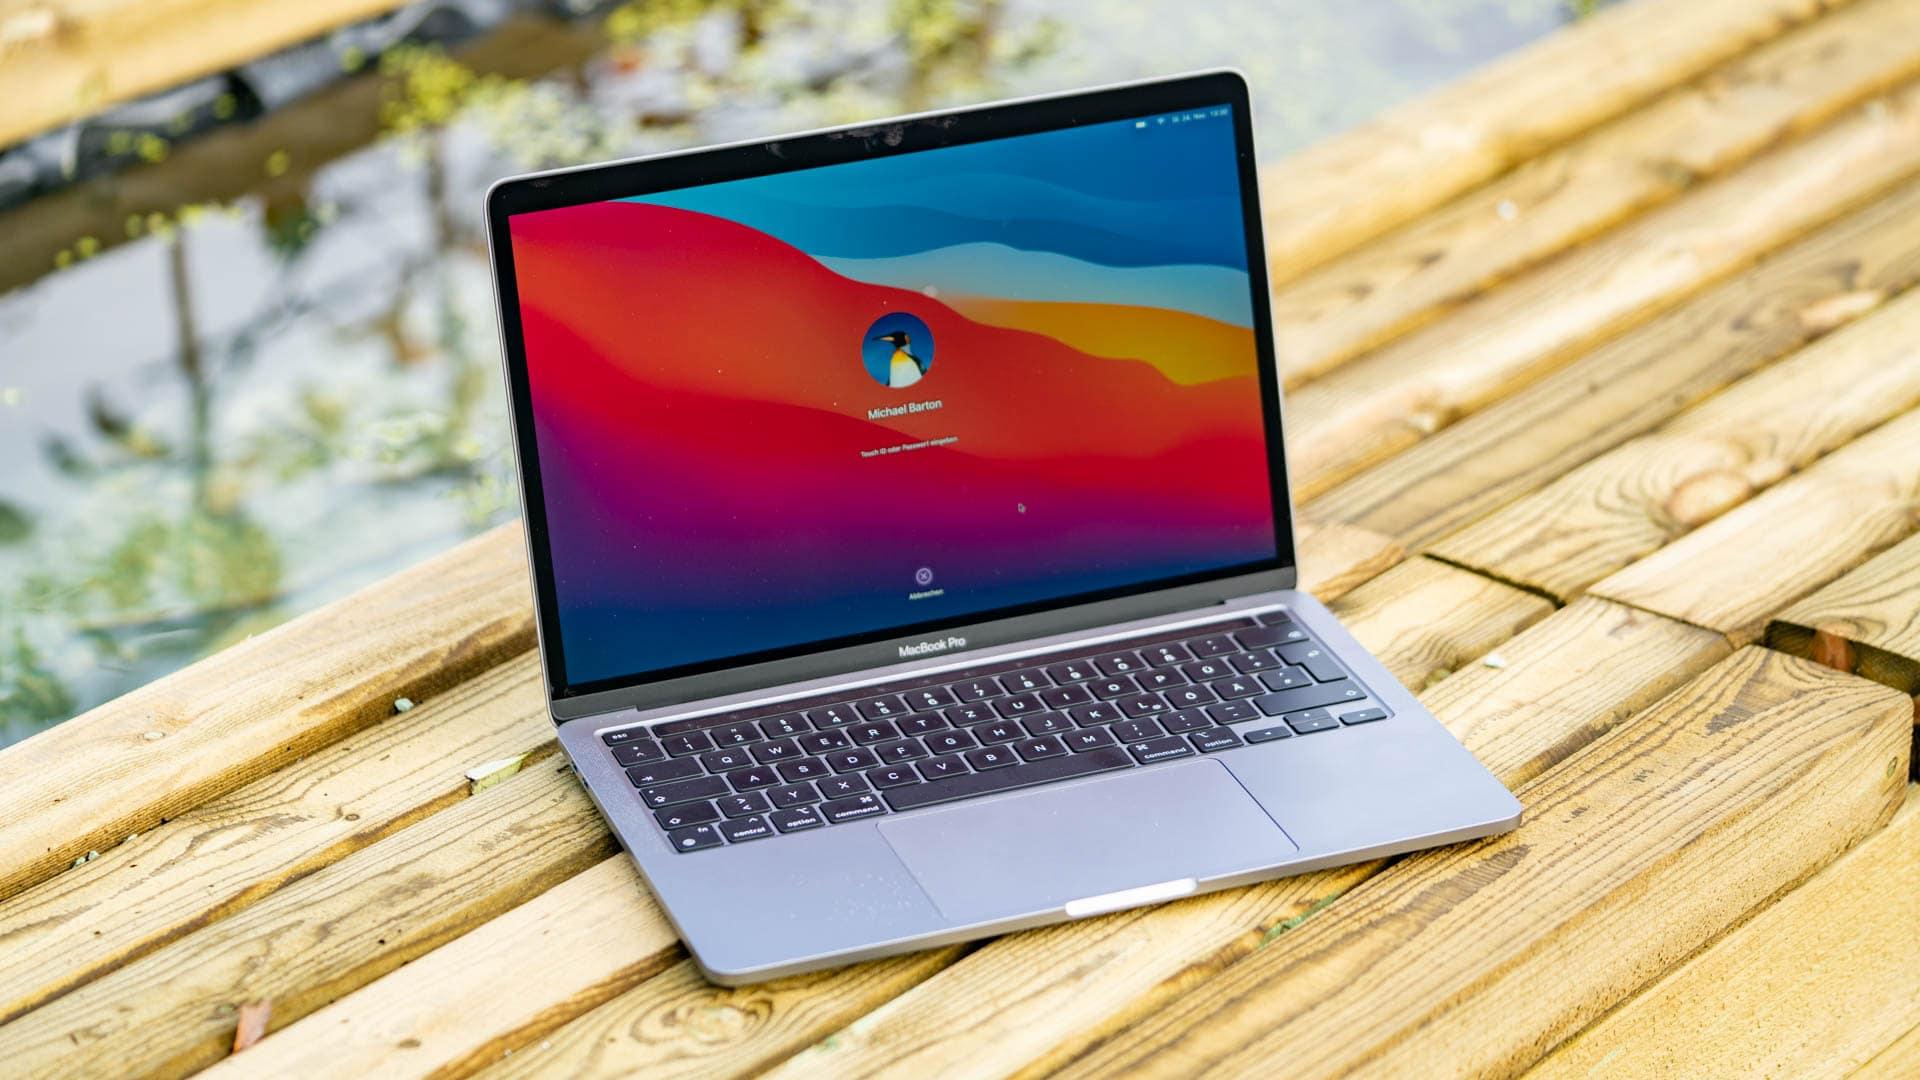 Das neue Apple MacBook Pro 13 mit Apple M1 CPU im Test